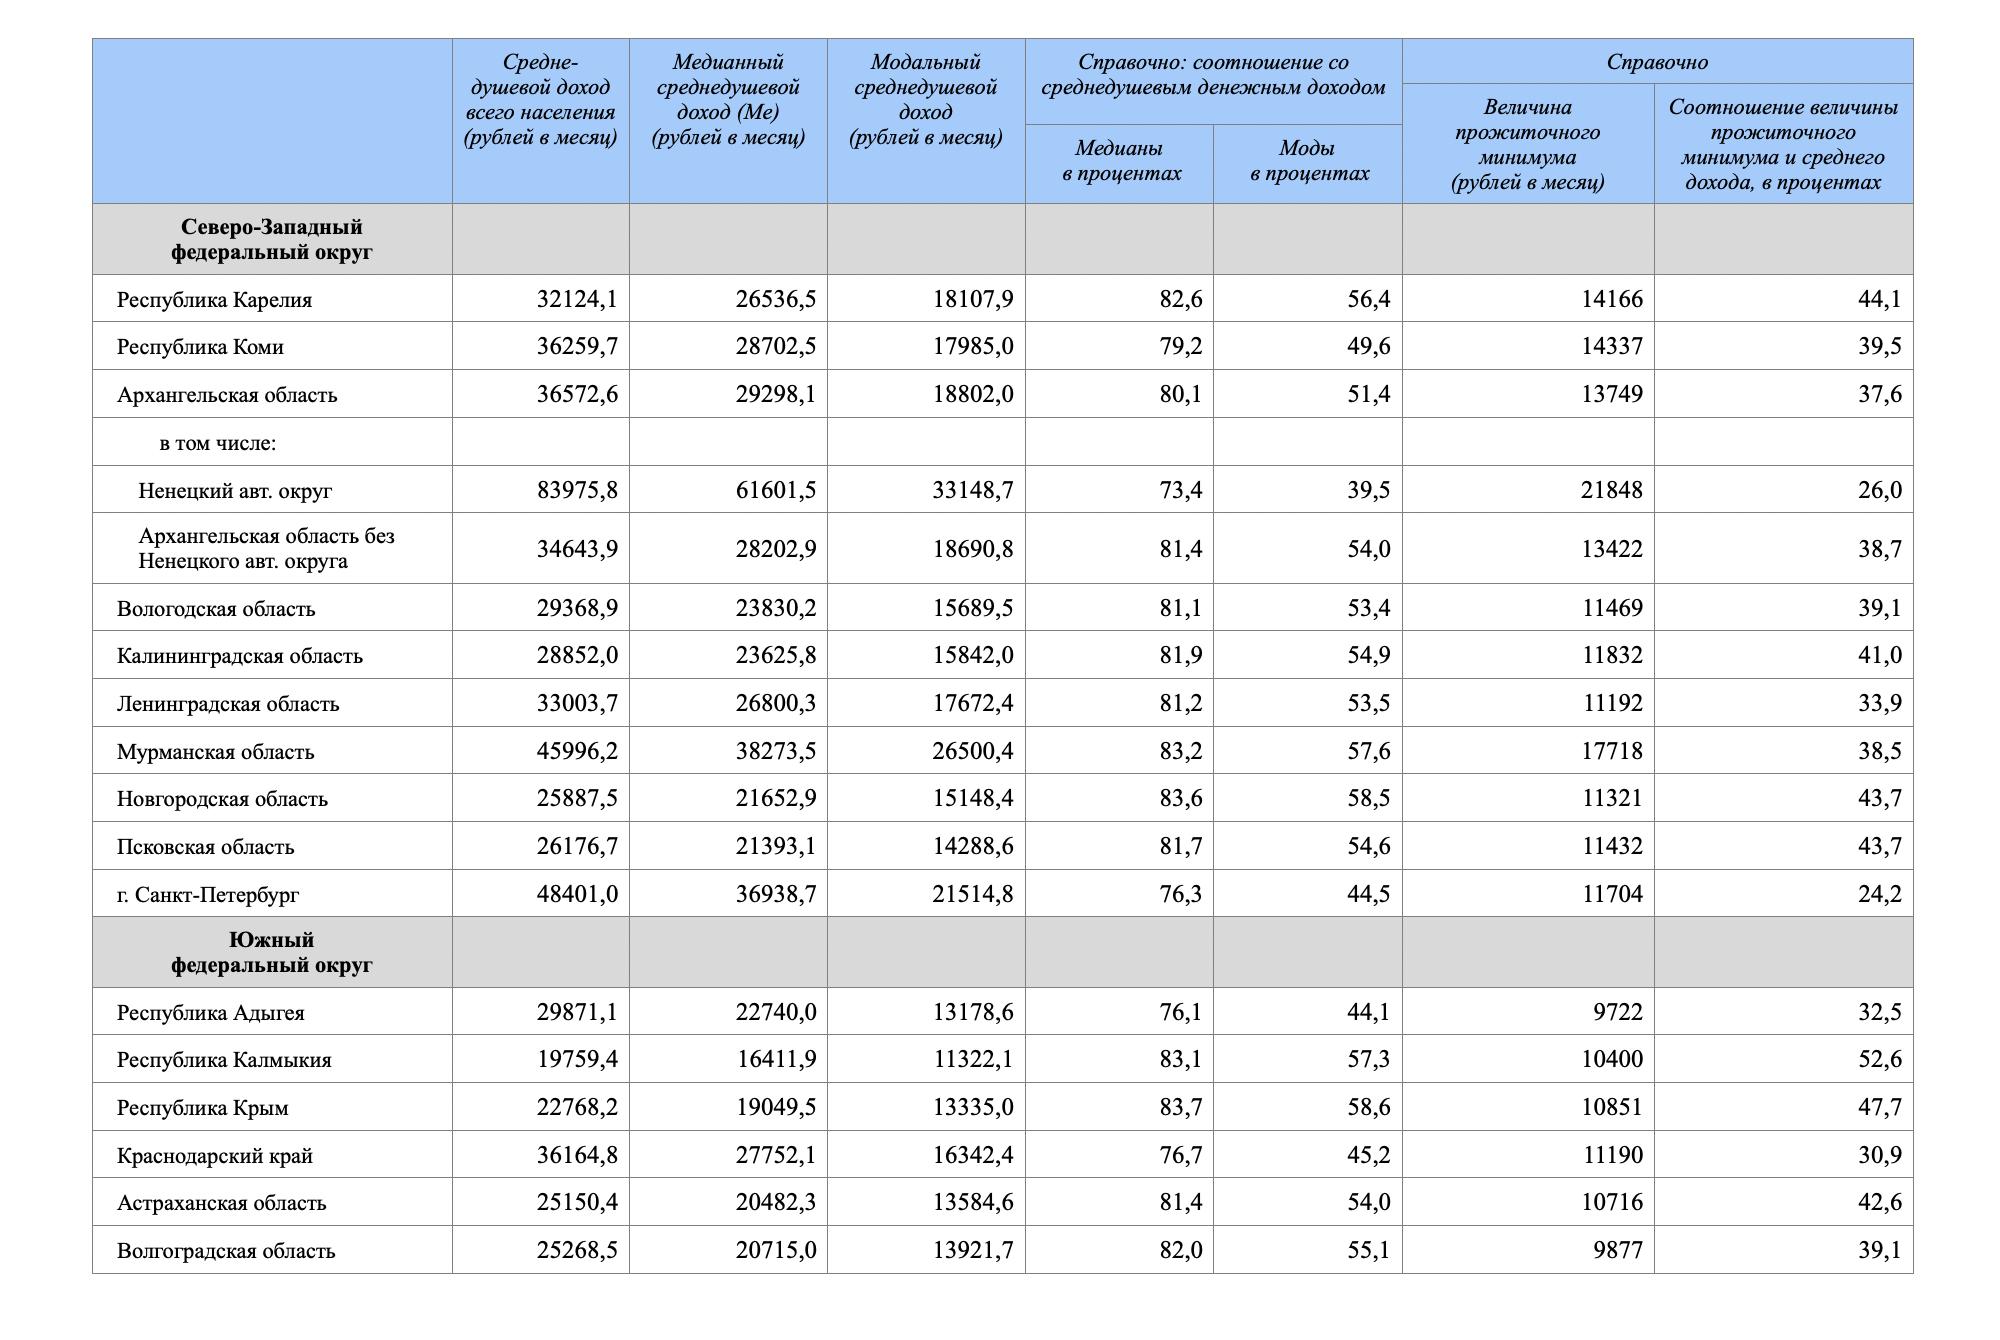 Росстат выложил данные по среднему, медианному и модальному подушевому доходу населения